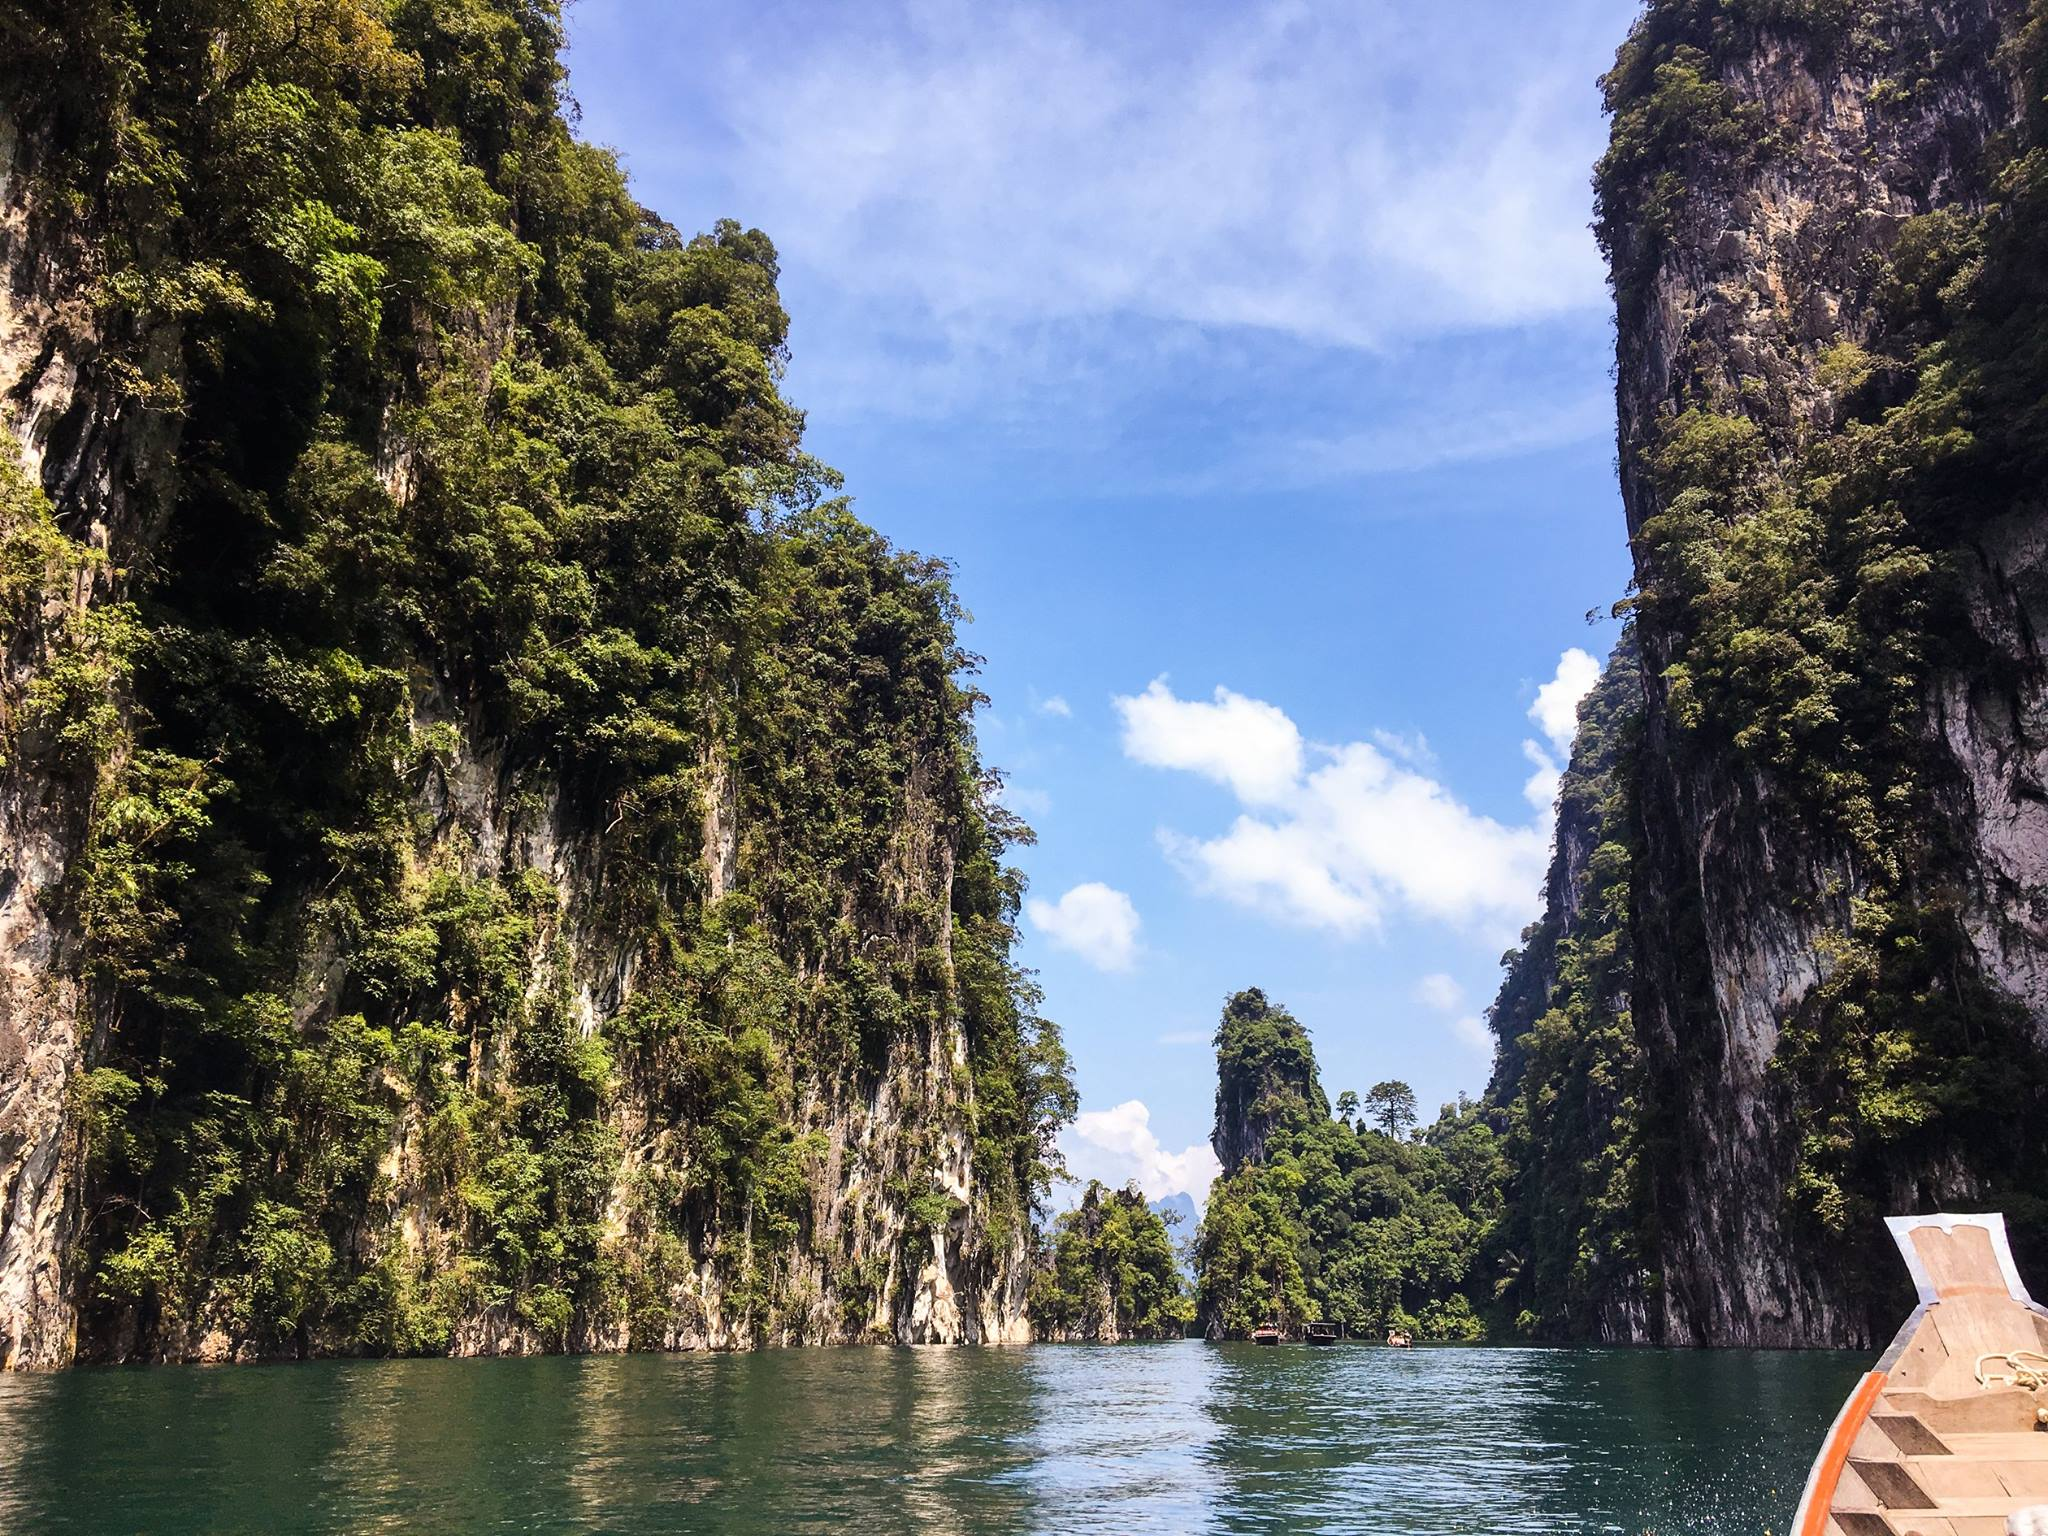 Les beautés naturelles du Parc National de Khao Sok en Thaïlande